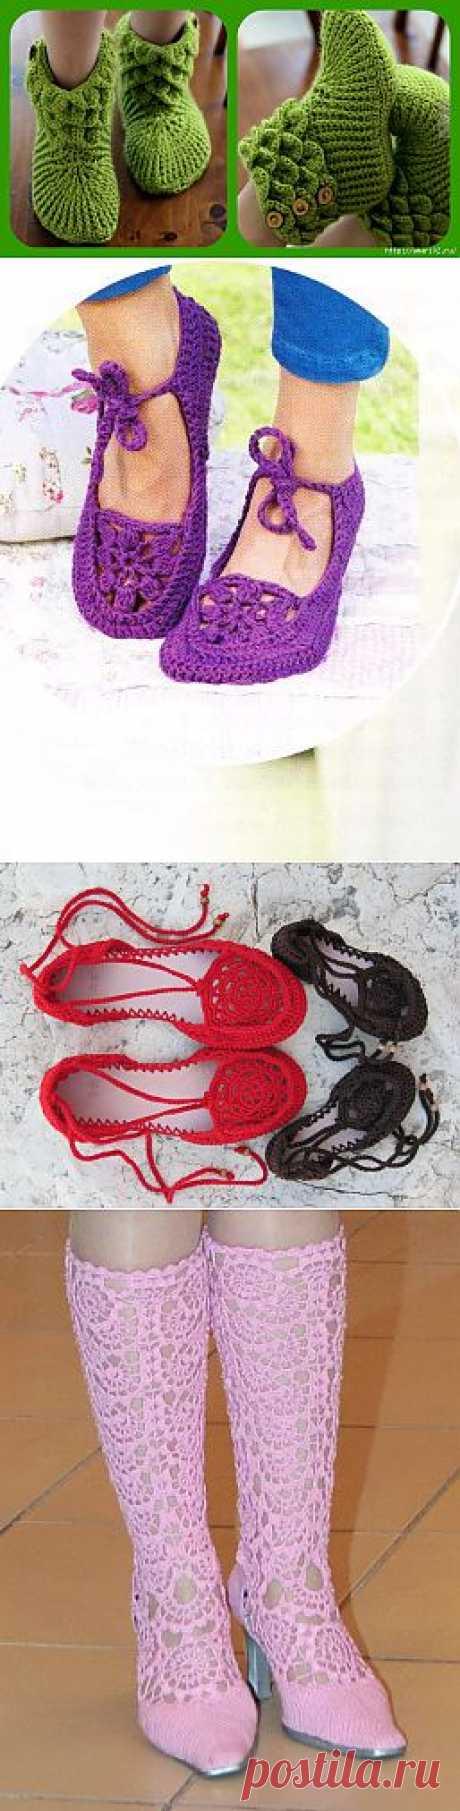 обувь крючком - Самое интересное в блогах